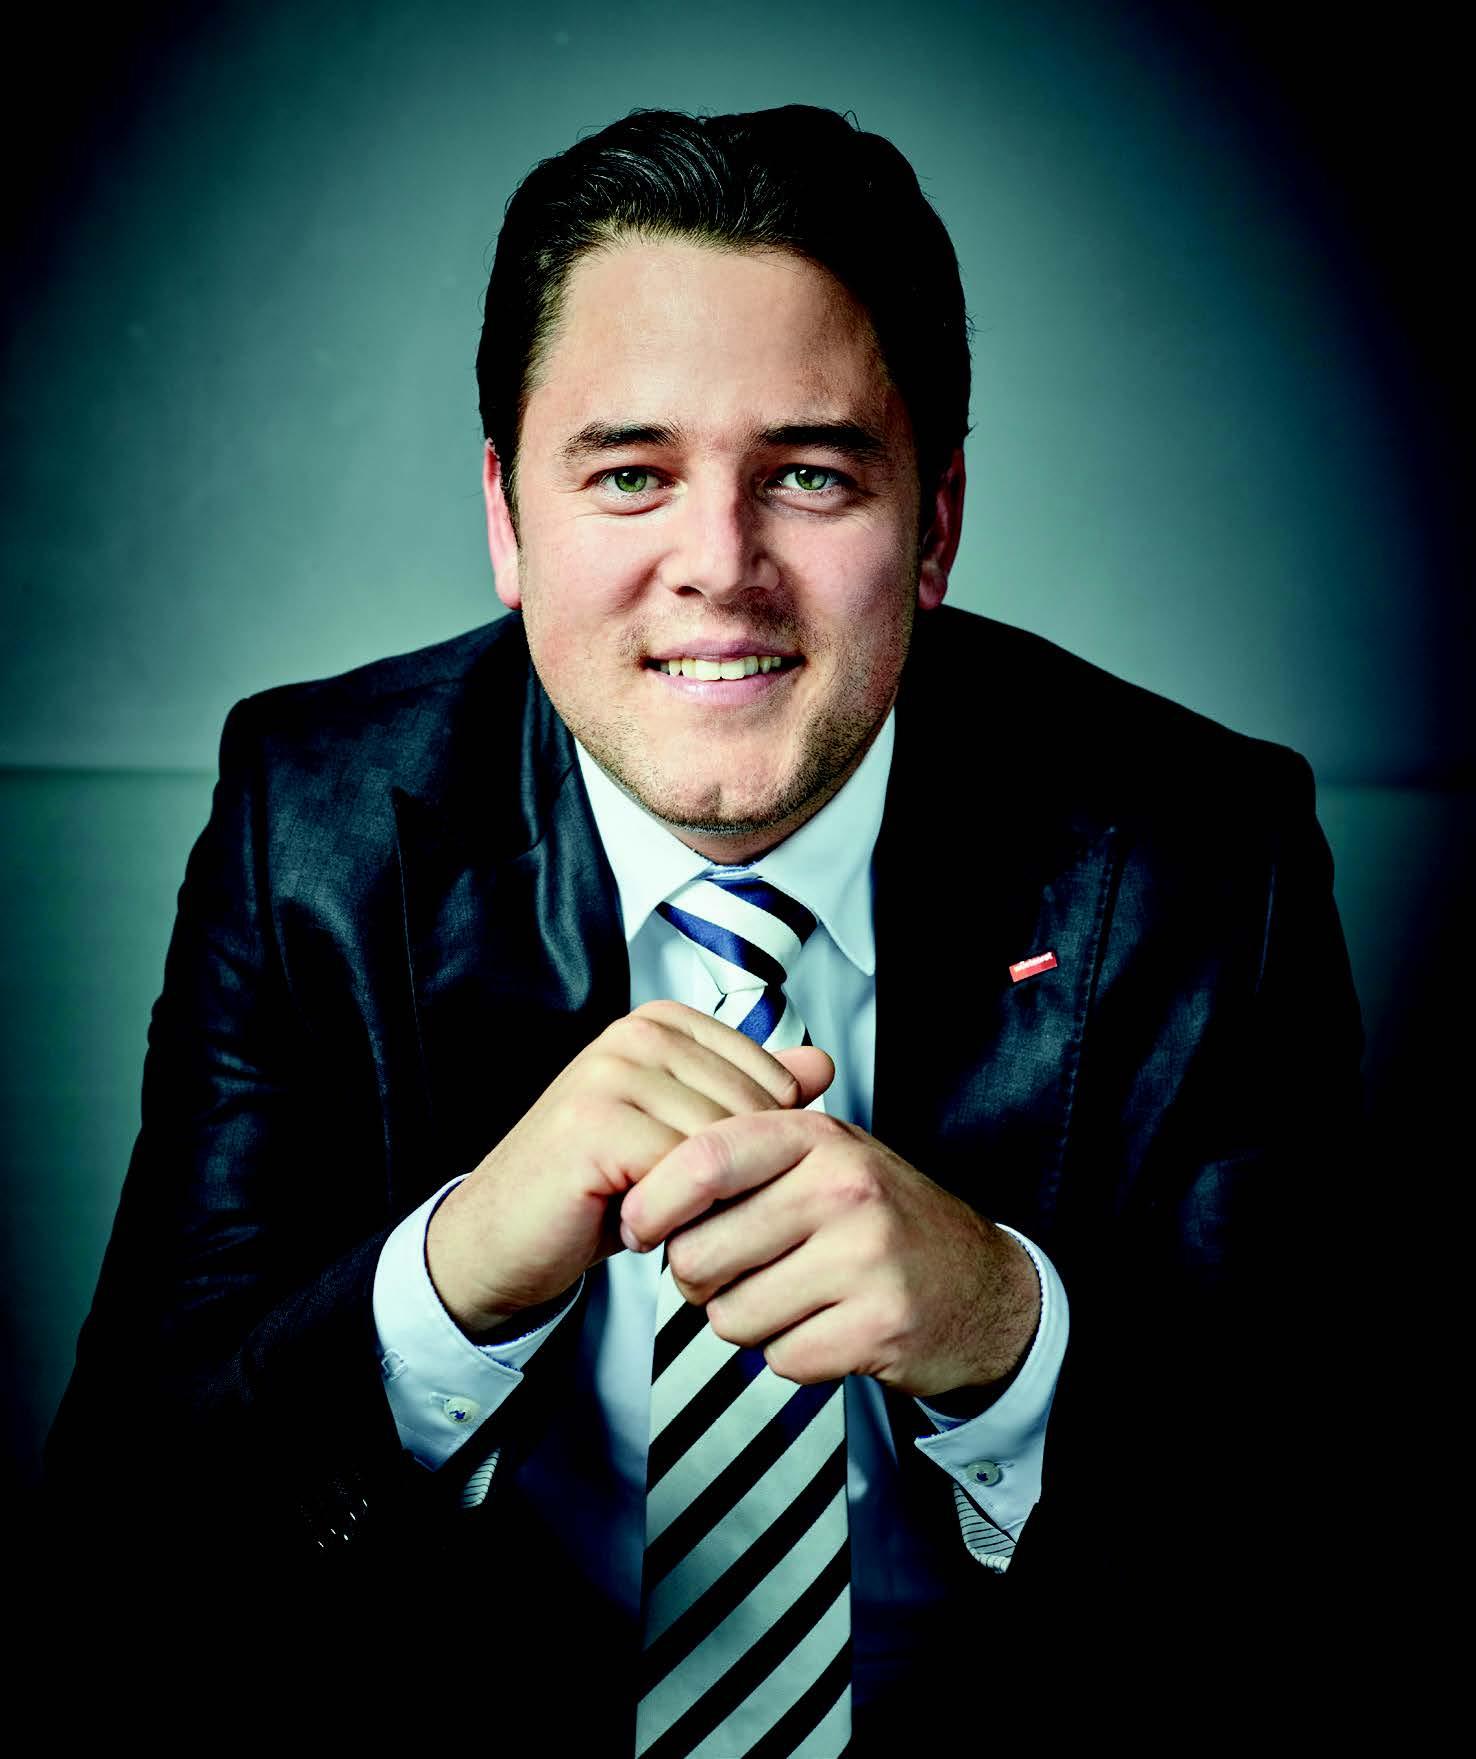 Talente gesucht: Tobias Kohl möchte in seiner Regionaldirektion eine Kaderschmiede für junge, ambitionierte Mitarbeiter schaffen.